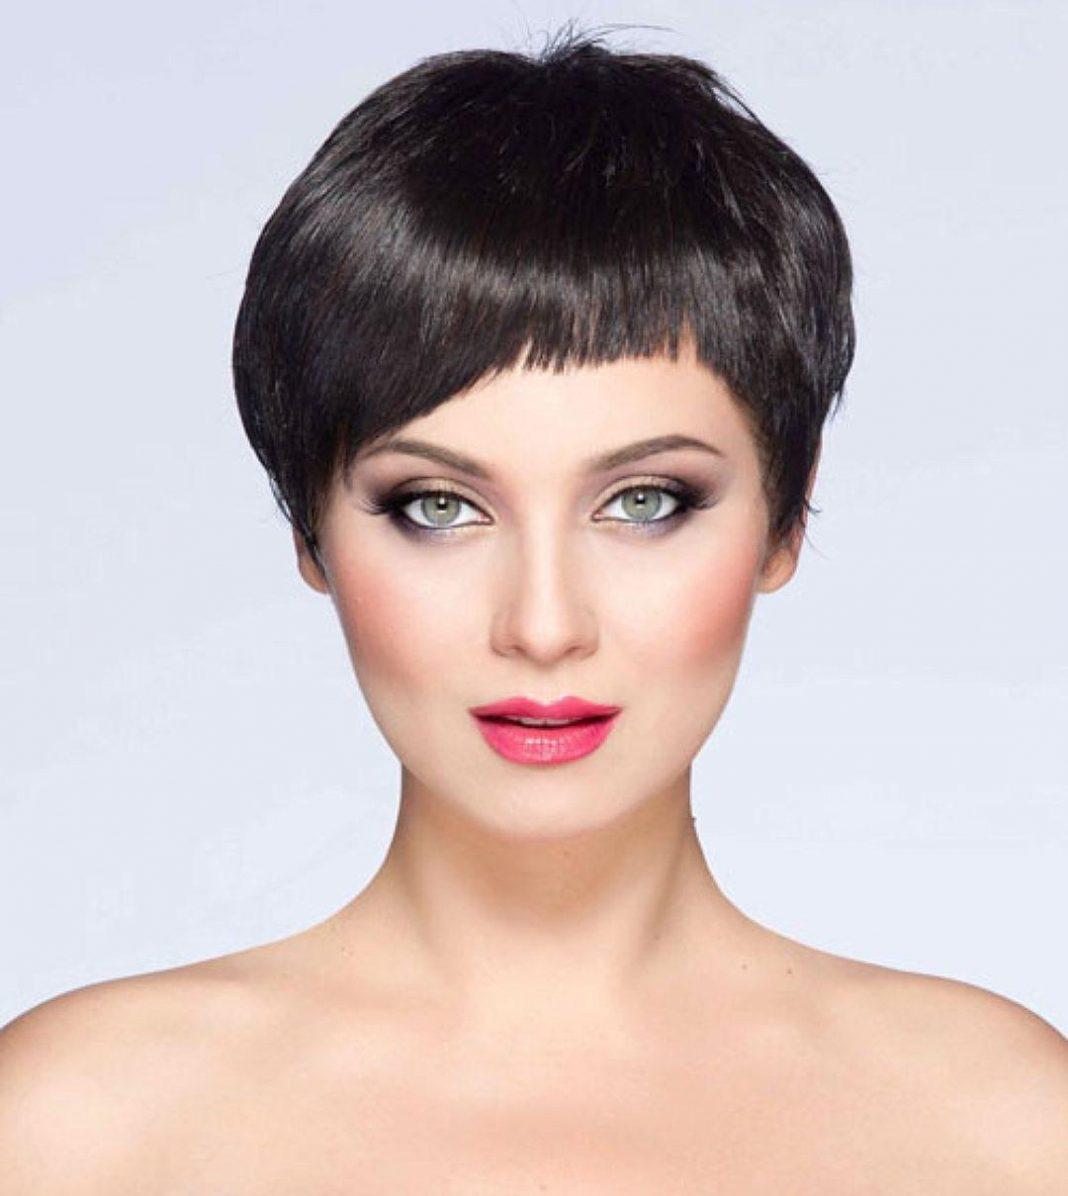 Фото причёсок на очень короткие волосы с чёлкой